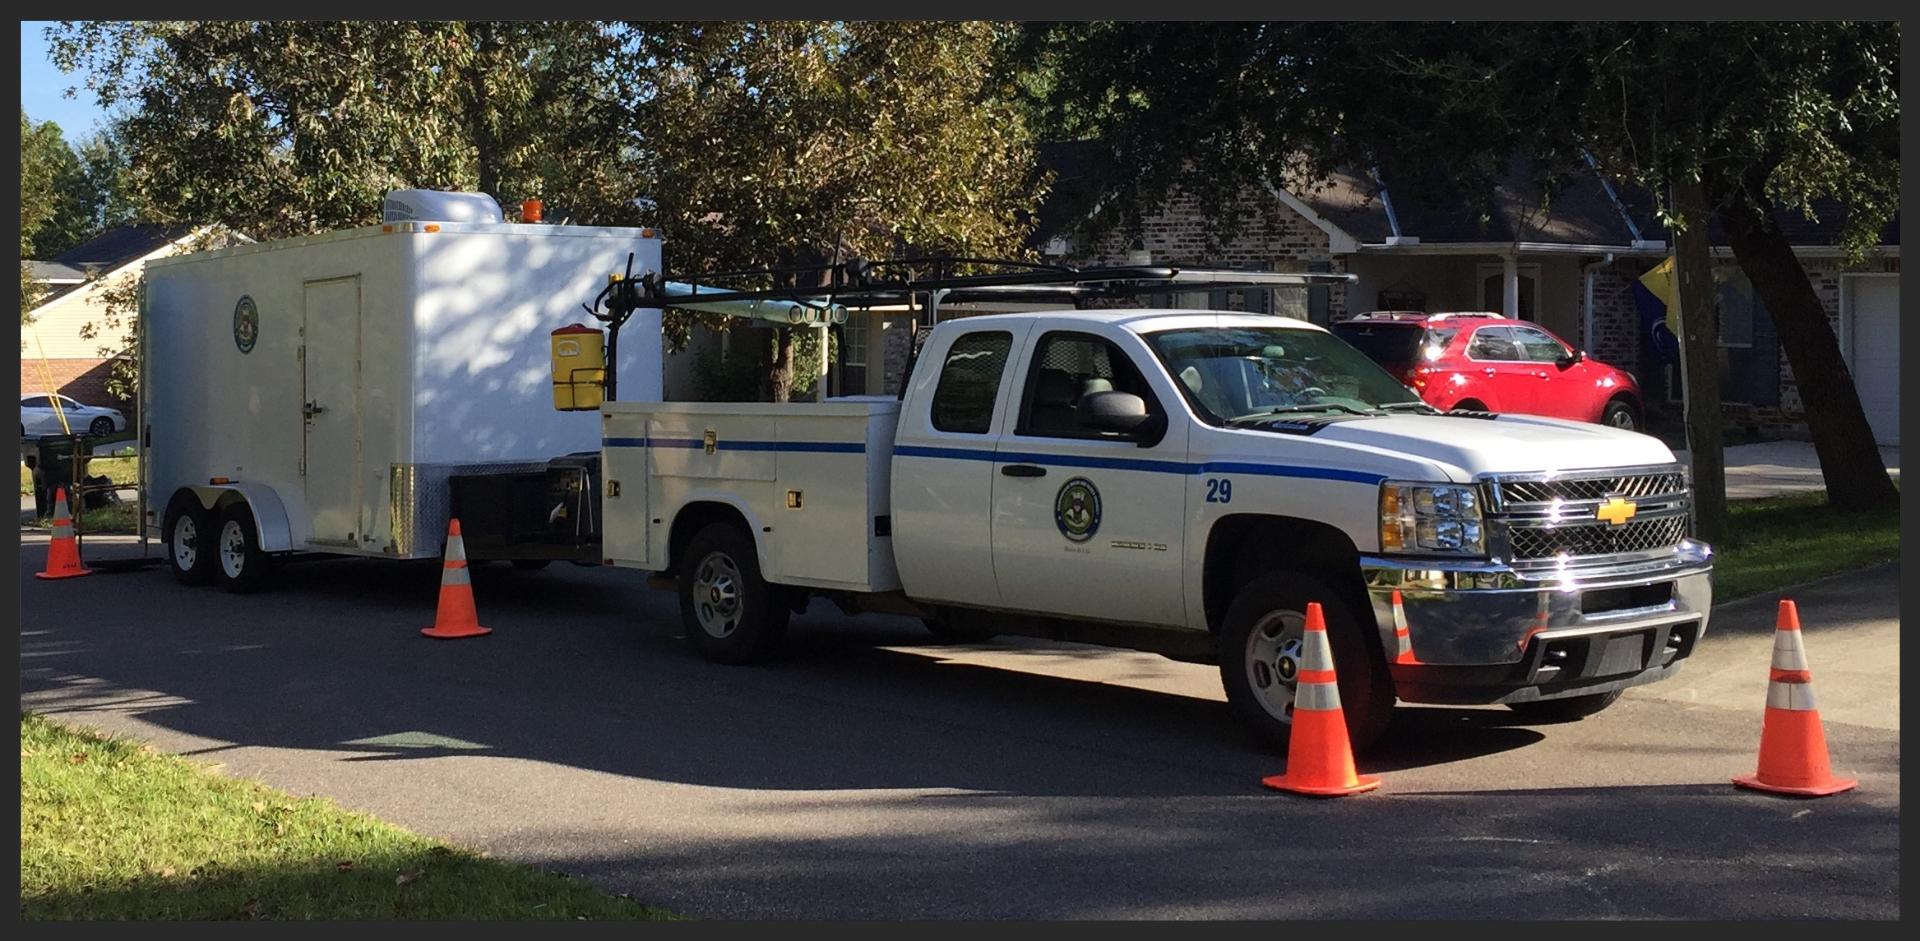 CCTV Crew Vehicle & Trailer